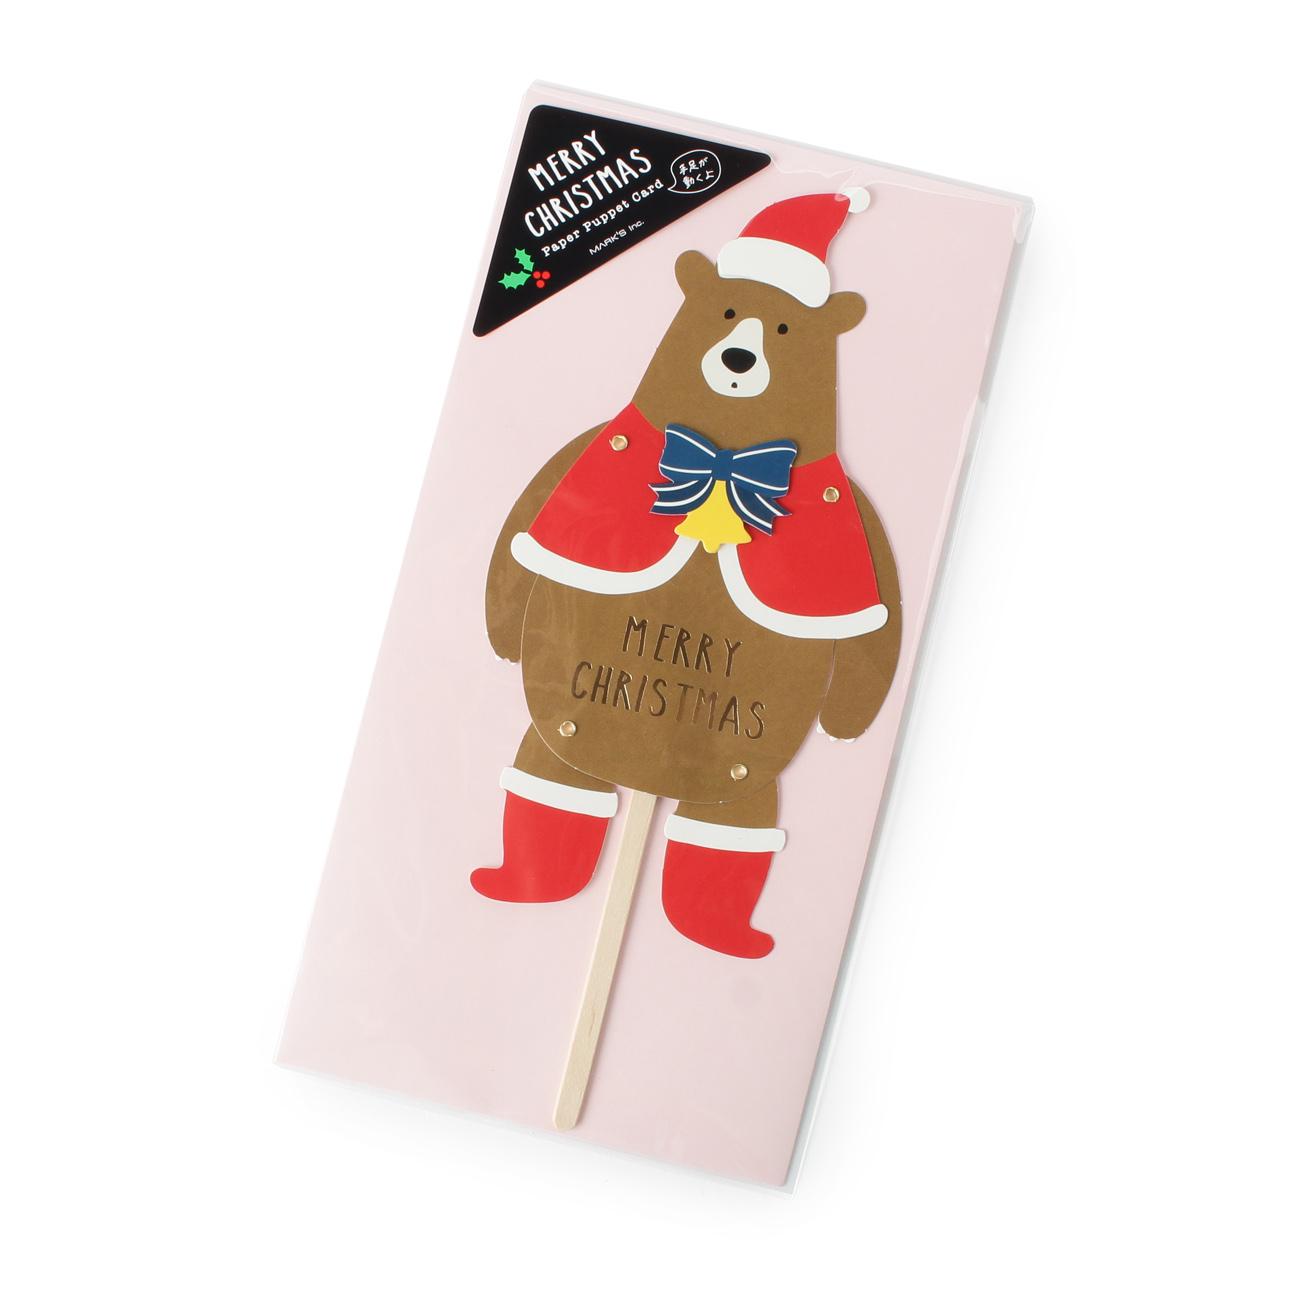 【grove (グローブ)】クリスマスカード(ペーパーパペット)レディース その他雑貨|その他雑貨 ブラウン